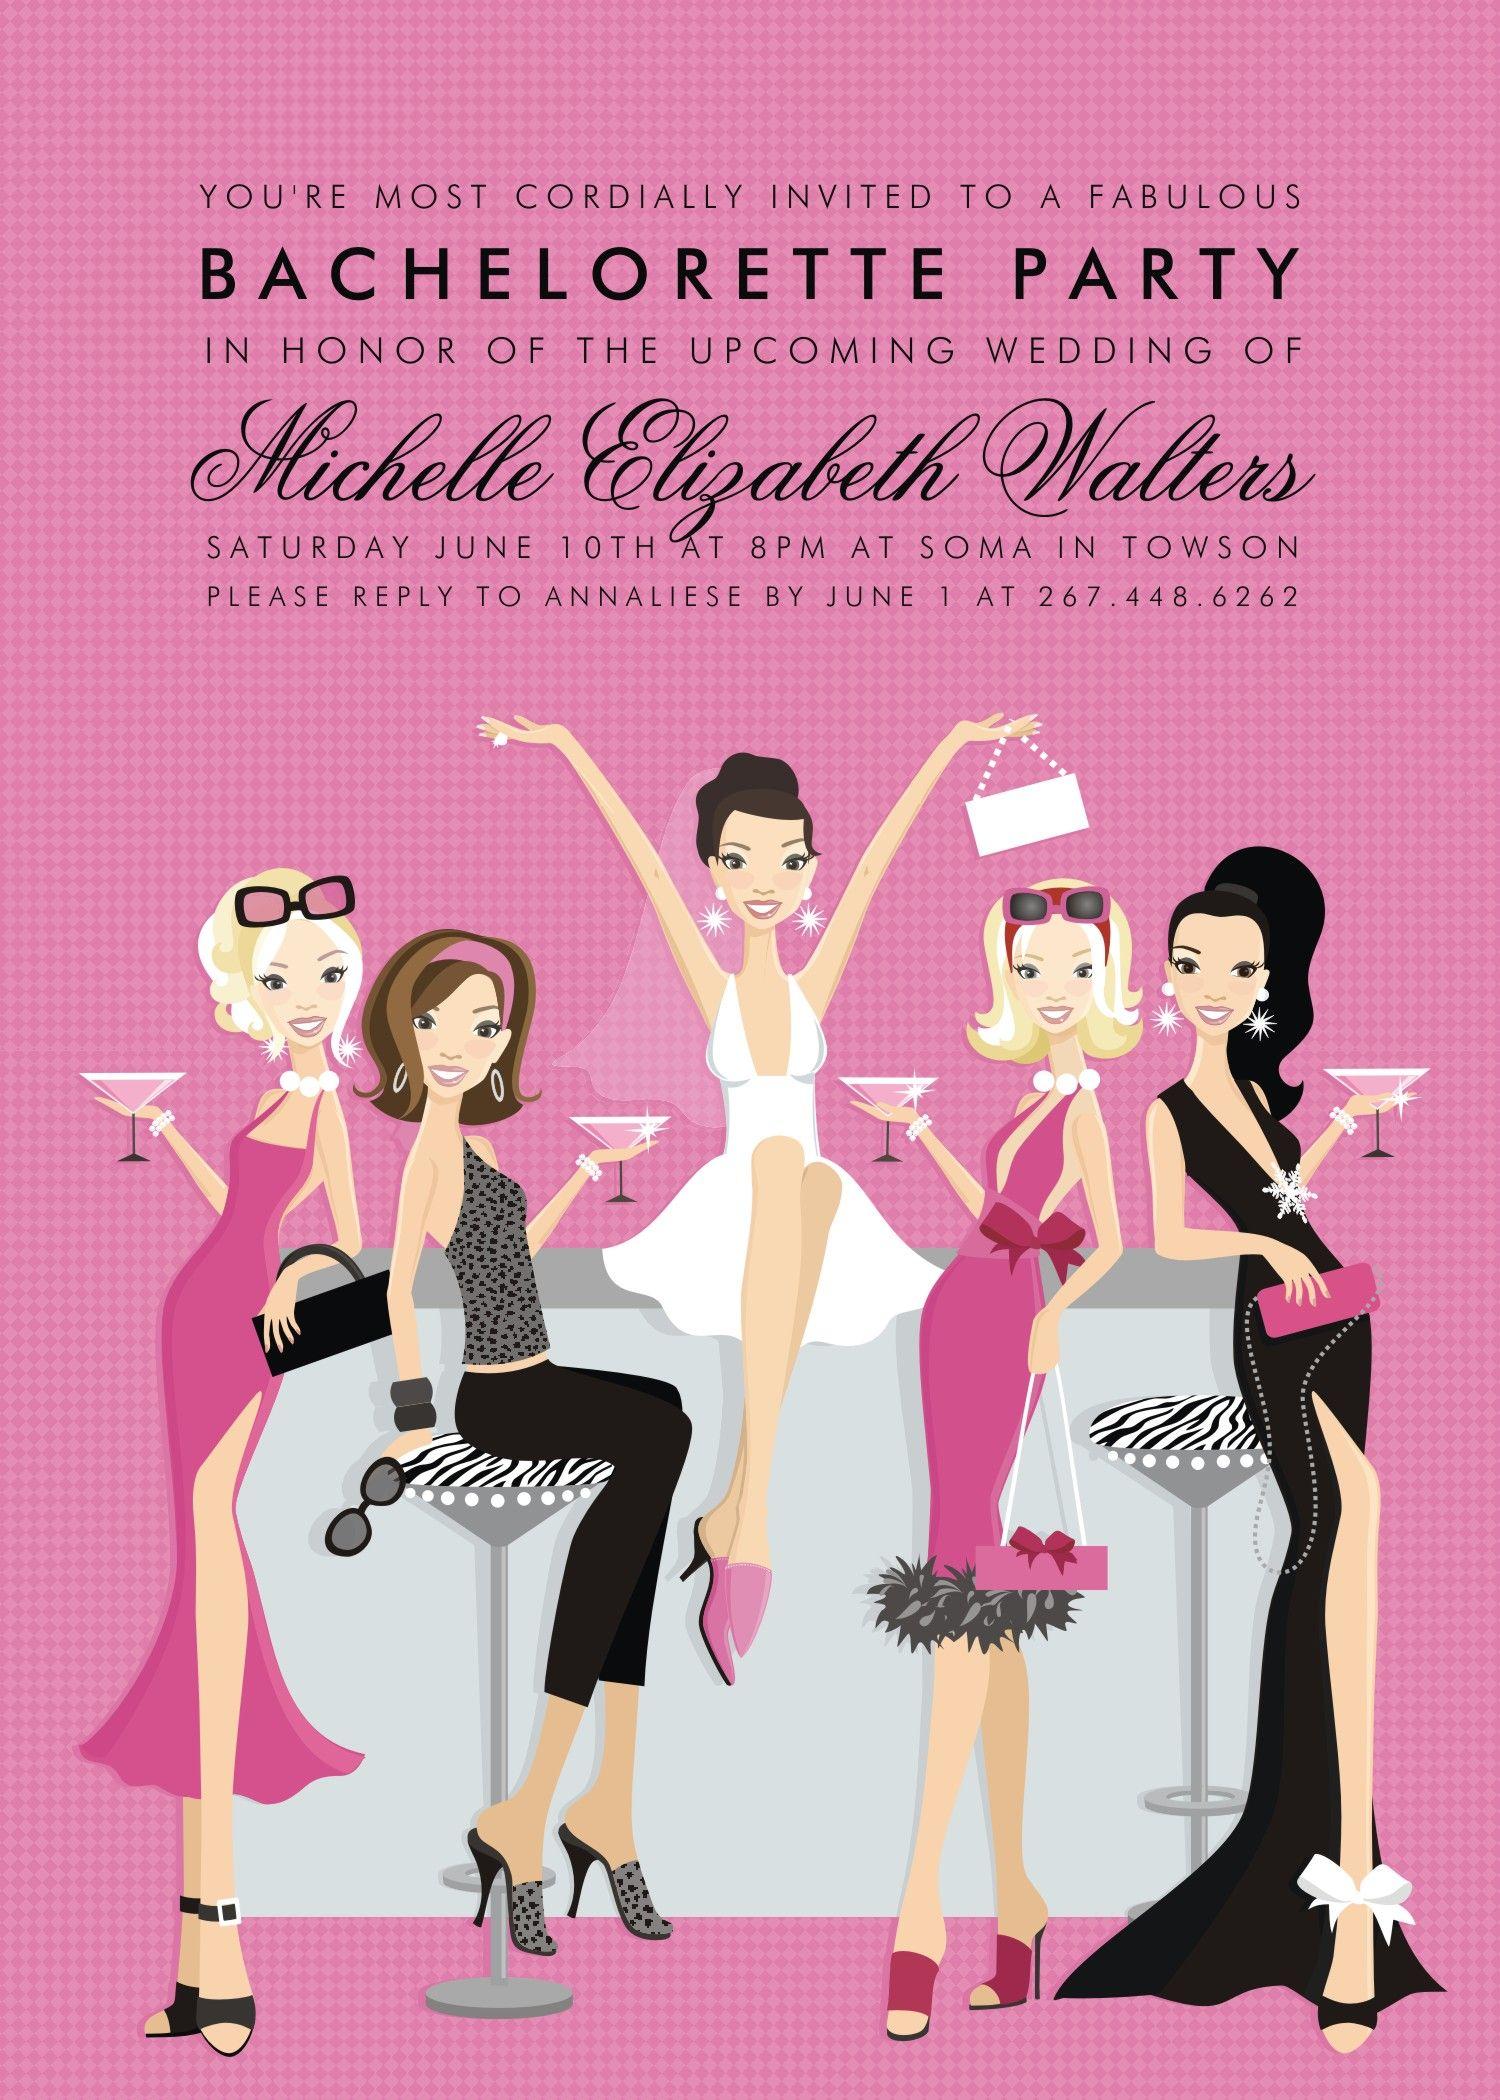 bachelorette party invitation by Doc Milo Boda WG – Free Bachelorette Party Invitation Templates